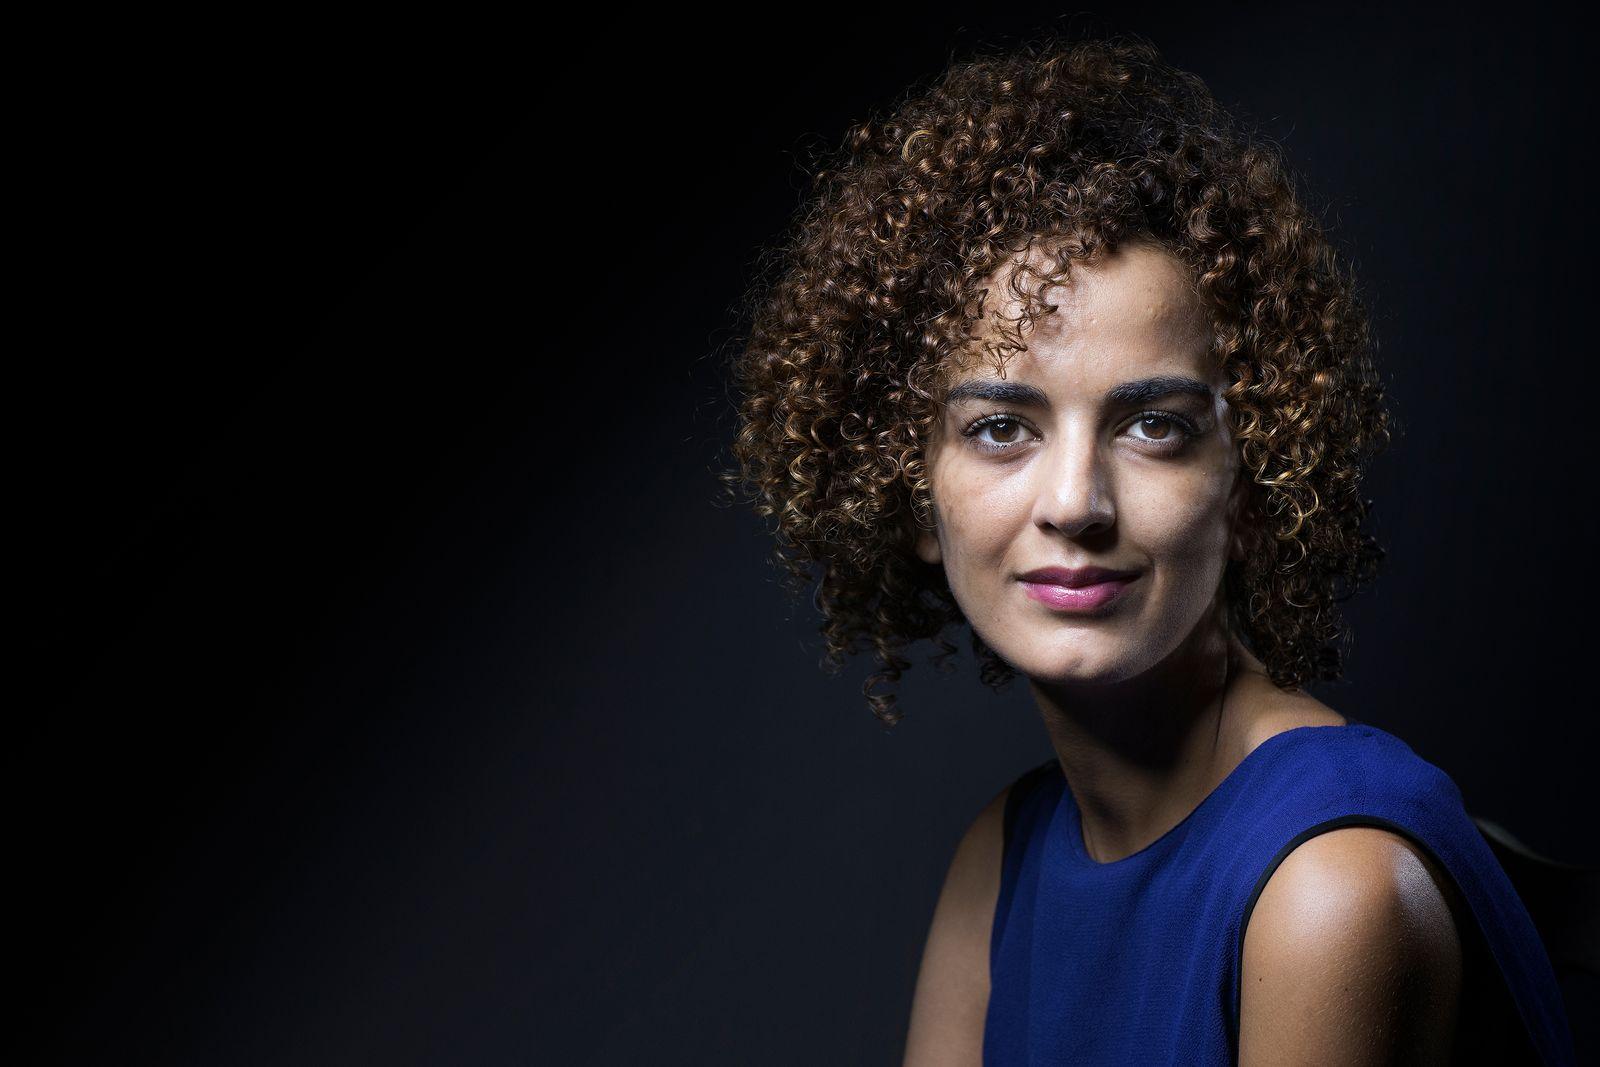 Buch/ Leila Slimani: All das zu verlieren